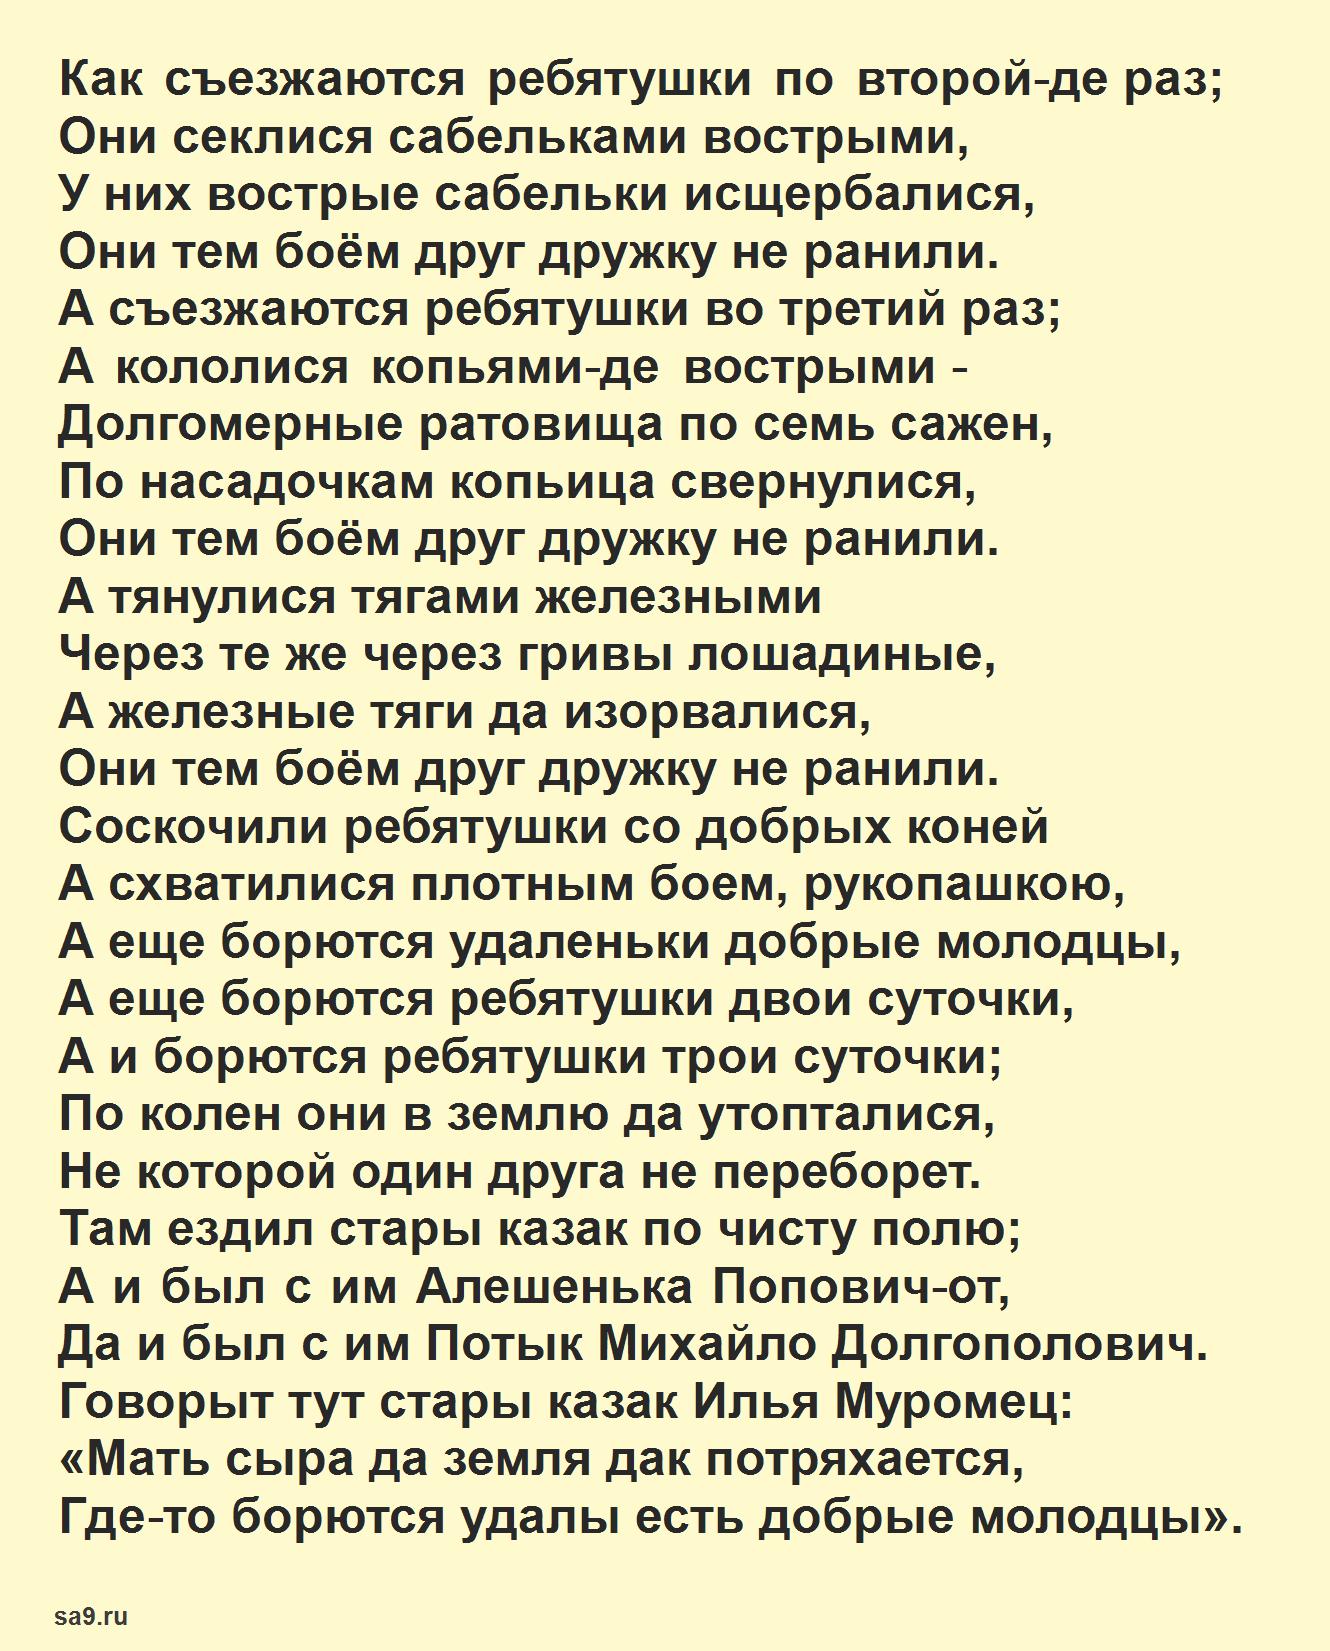 Былина - Бой Добрыни с Дунаем, читать полностью бесплатно